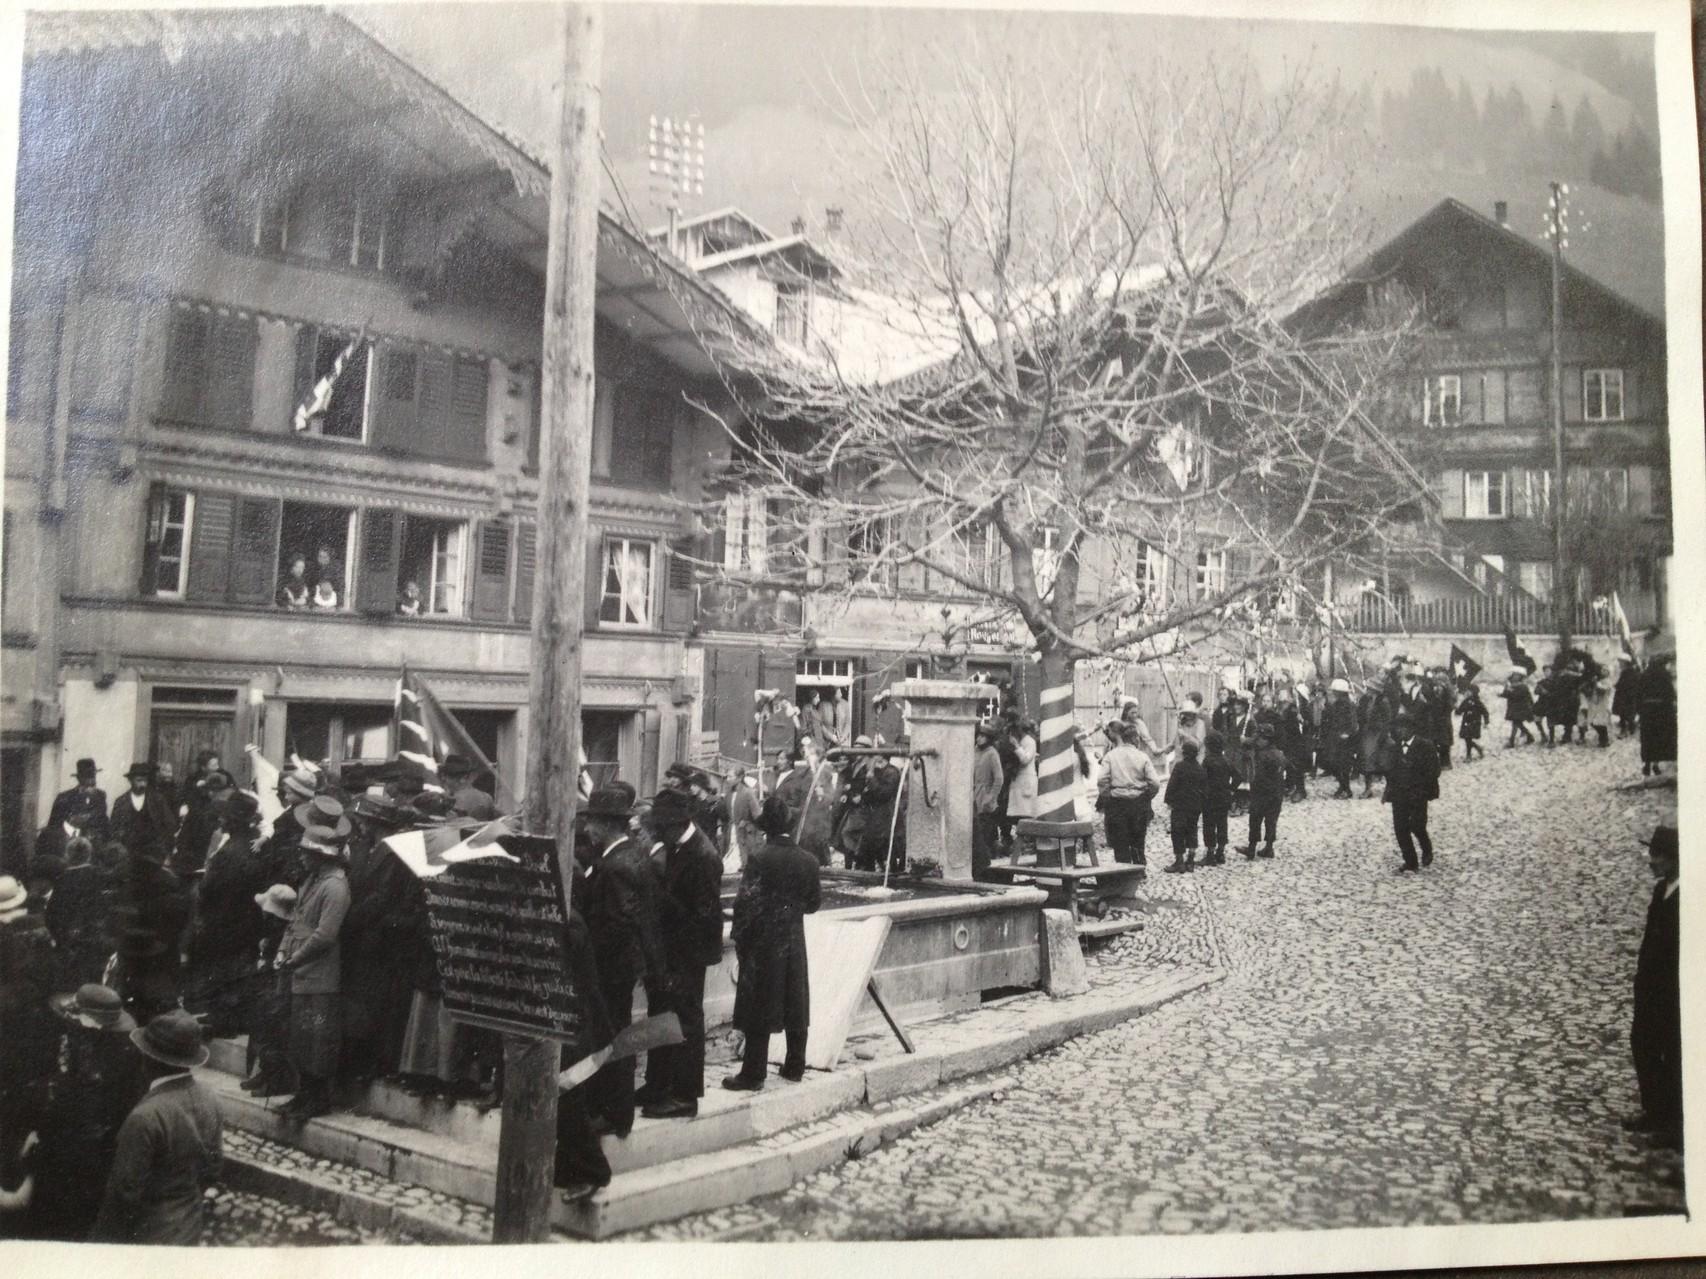 Le marronnier planté à l'occasion du 100ème anniversaire de l'entrée du canton de Vaud dans la Confédération.